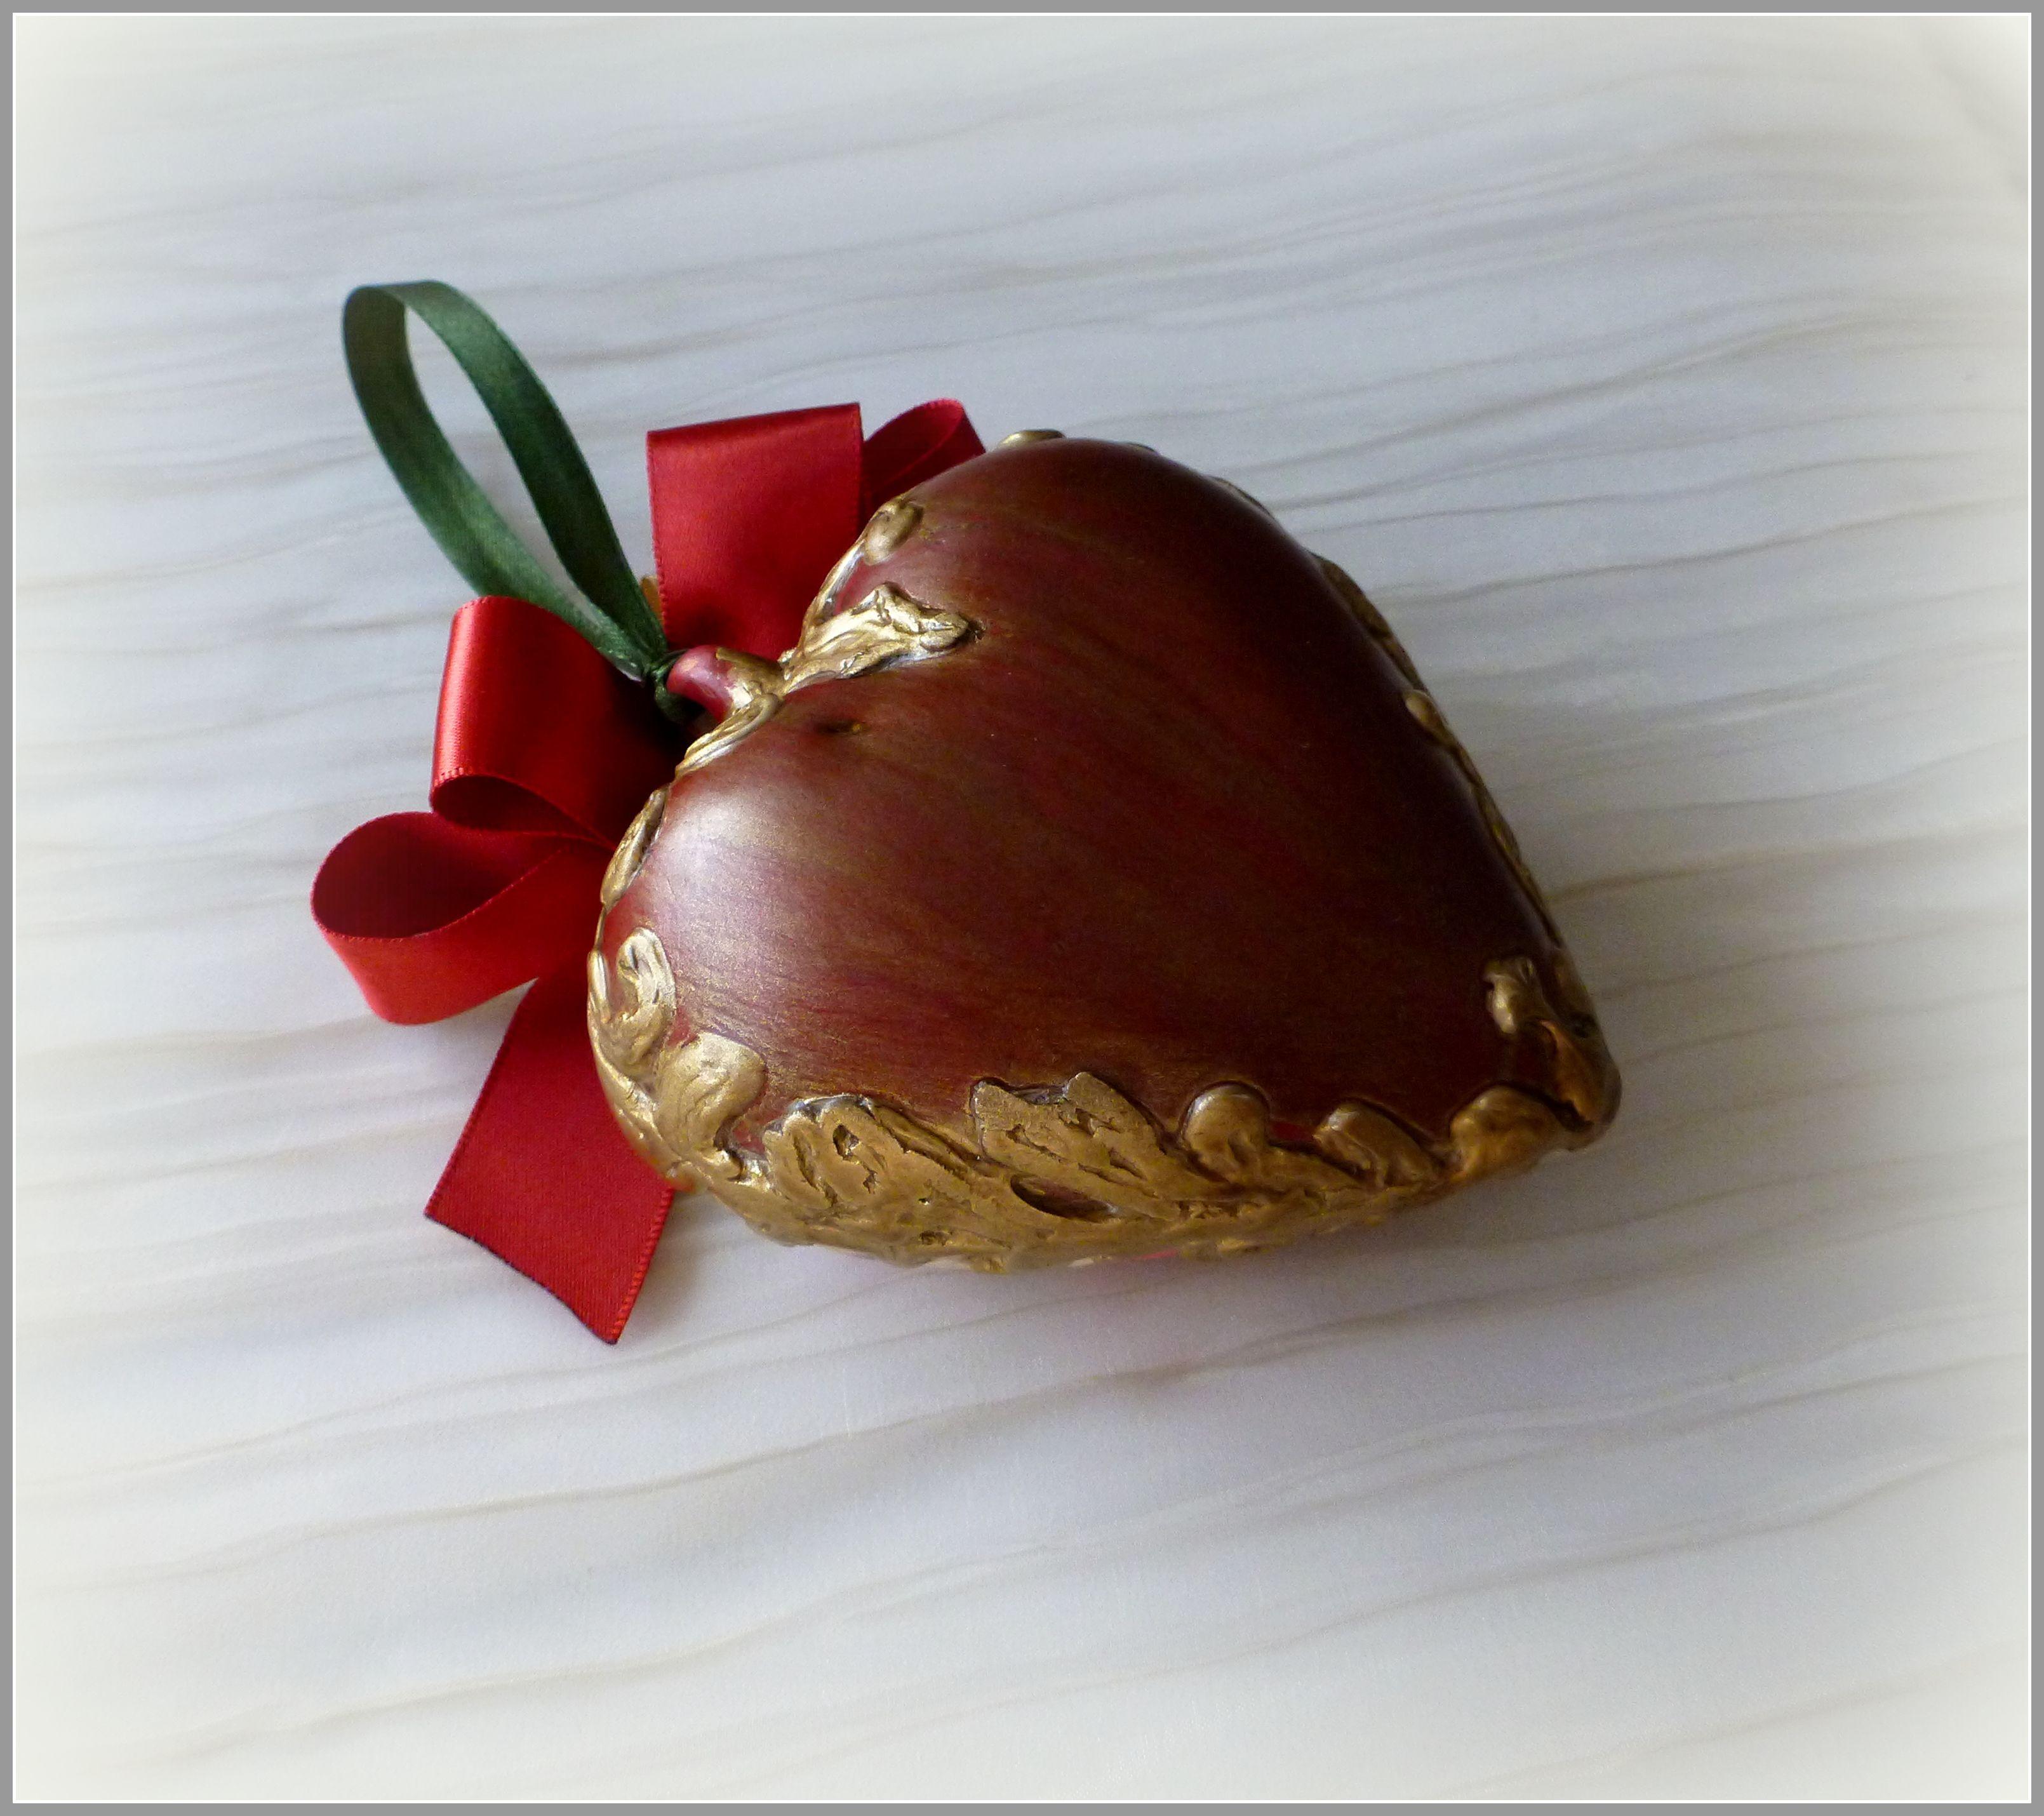 14февраля рождество елочнаяигрушка золотой сердце роза красный керамика бант пион подвеска интерьерныйподвес длявлюбленных новогоднееукрашение интерьерноеукрашение елочноеукрашение подвес цветы бордовый любимой